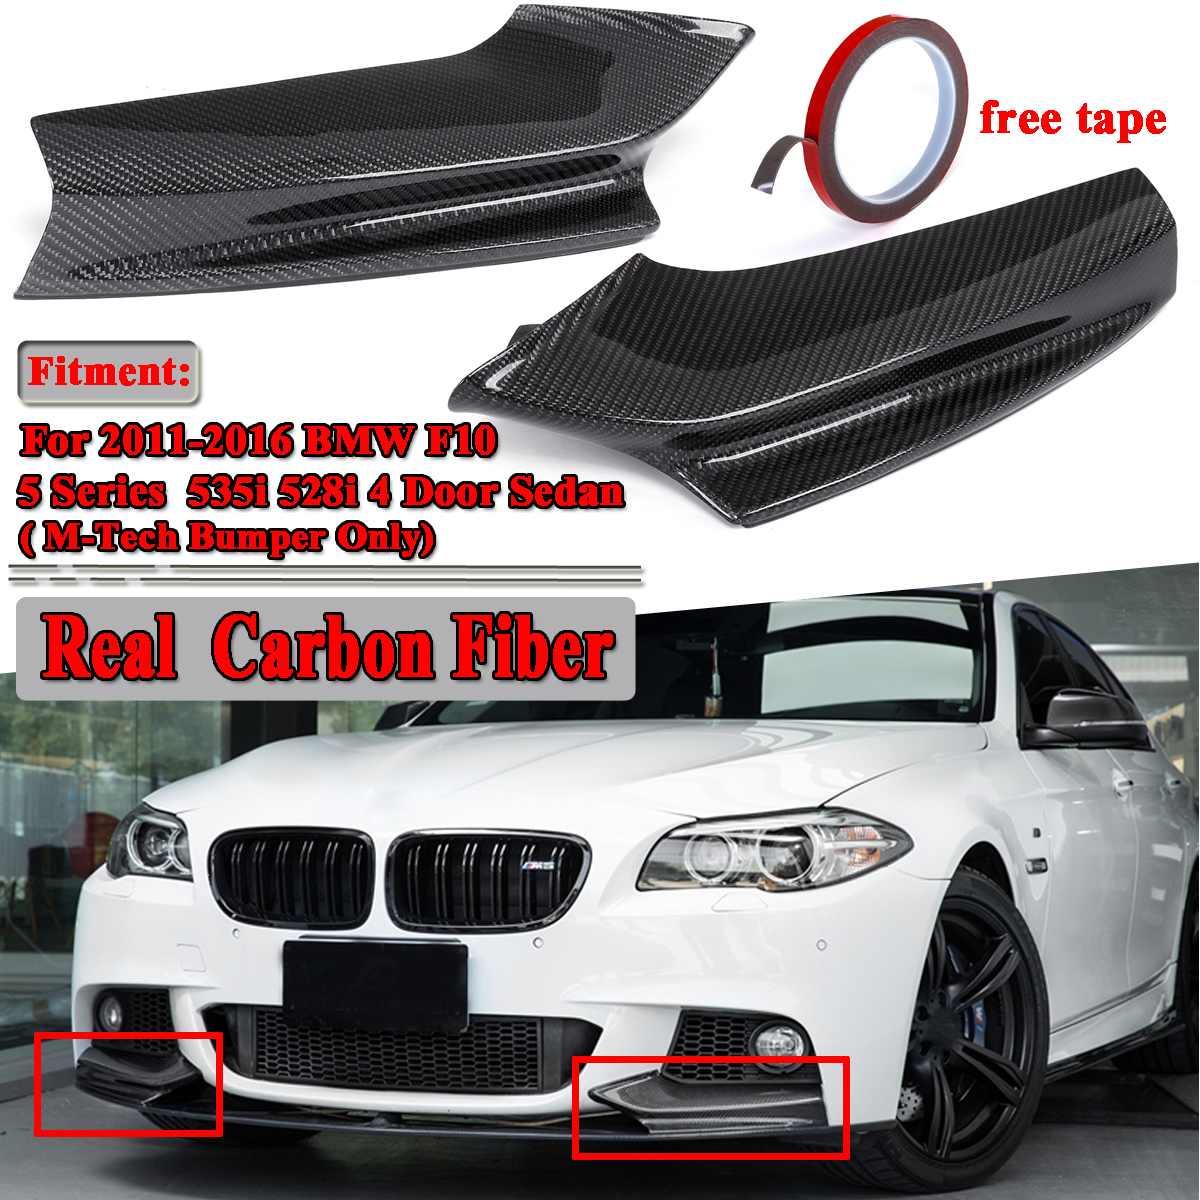 1pair New Real Carbon Fiber Car Front Deflector Spoiler Splitters Bumper Lip Aprons For BMW F10 5 Series 535i 528i Sedan 2011-161pair New Real Carbon Fiber Car Front Deflector Spoiler Splitters Bumper Lip Aprons For BMW F10 5 Series 535i 528i Sedan 2011-16